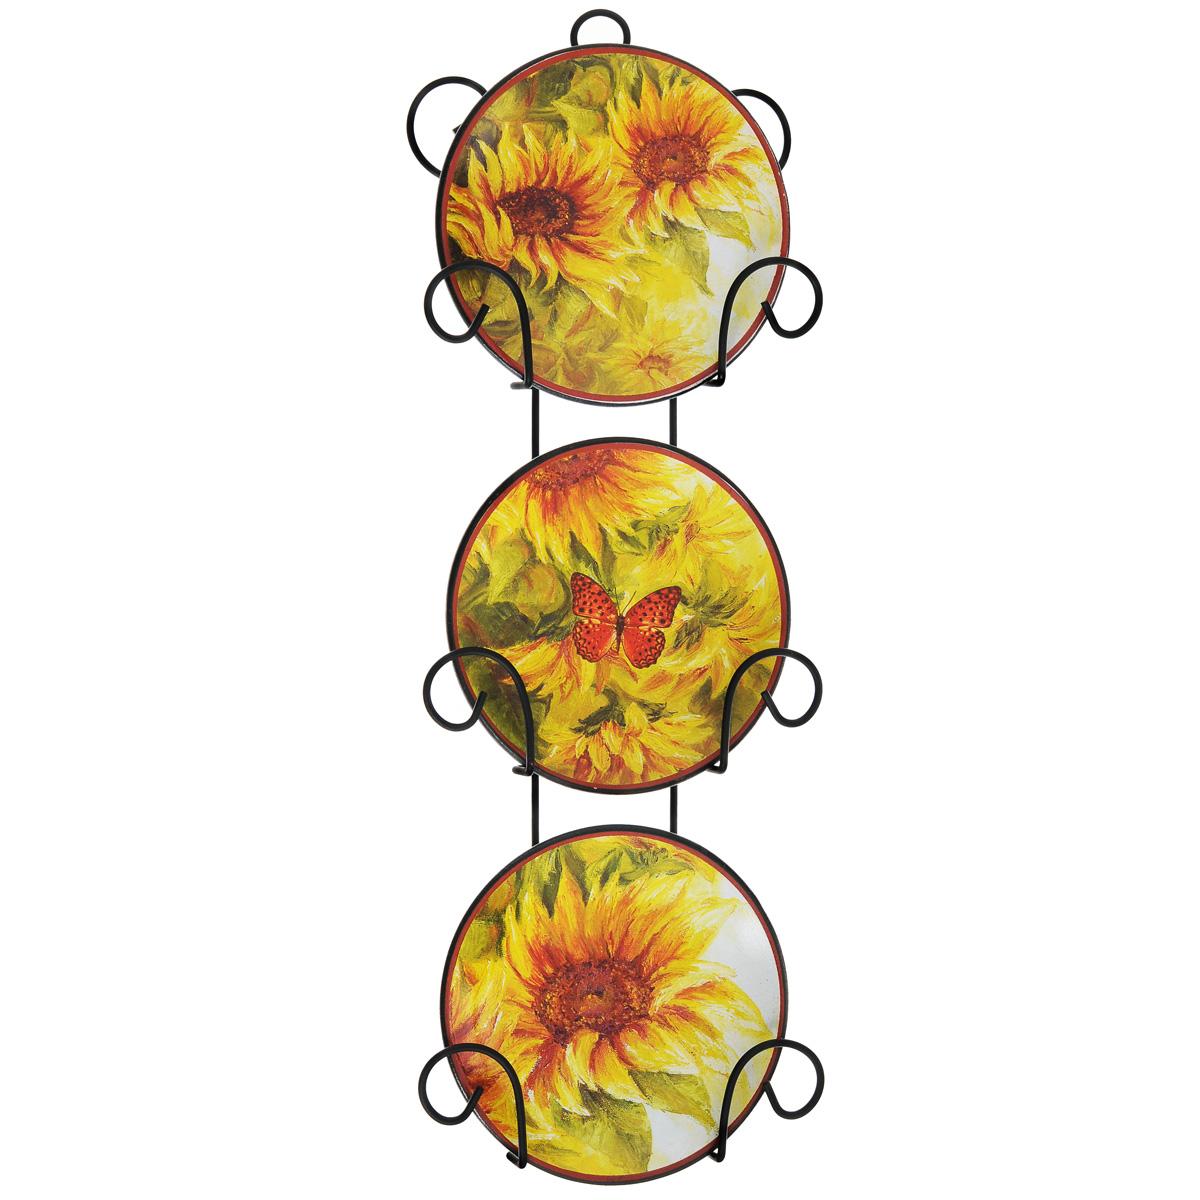 Набор декоративных тарелок Подсолнухи, диаметр 10 см, 3 шт36261Набор из трех декоративных тарелок с ярким рисунком украсят практически любое ваше помещение, будь то кухня, столовая, гостиная, холл и будут являться необычным дизайнерским решением. Тарелки выполнены из доломитовой керамики, подставка в виде вертикальной этажерки, благодаря которой сувенир удобно и быстро крепится к стене, - из черного металла. Каждая тарелочка, декорированная изображением подсолнухов, помещается в отдельную нишу. Очаровательный набор декоративных тарелок - замечательный подарок друзьям и близким людям. Размер тарелки (без подставки): 10 см х 10 см х 1,5 см. Размер сувенира с подставкой: 2,5 см х 11,5 см х 33 см.